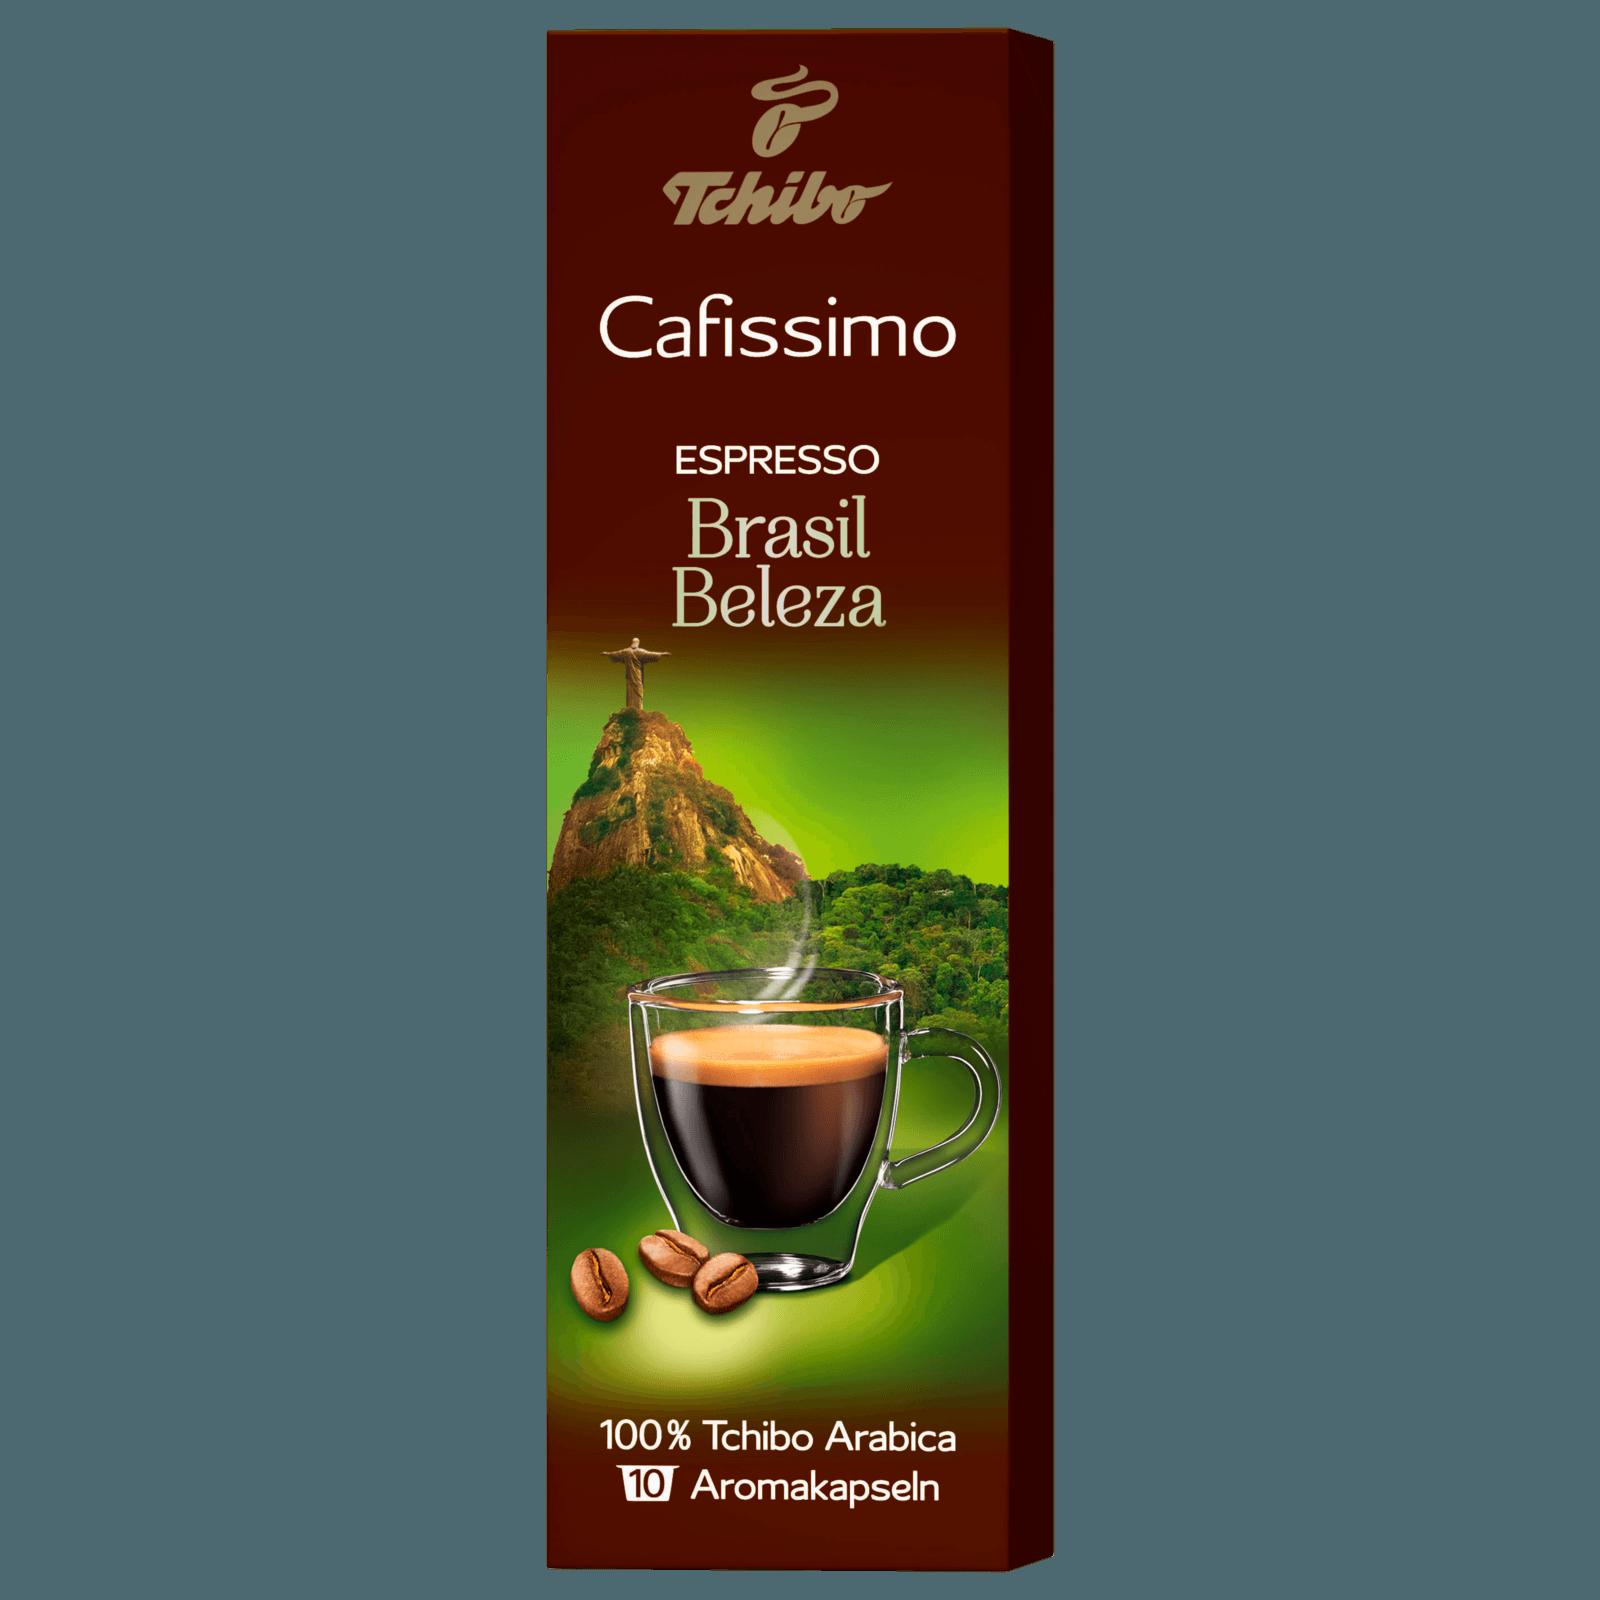 Tchibo Cafissimo Brazil Kapseln 80g bei REWE online bestellen!